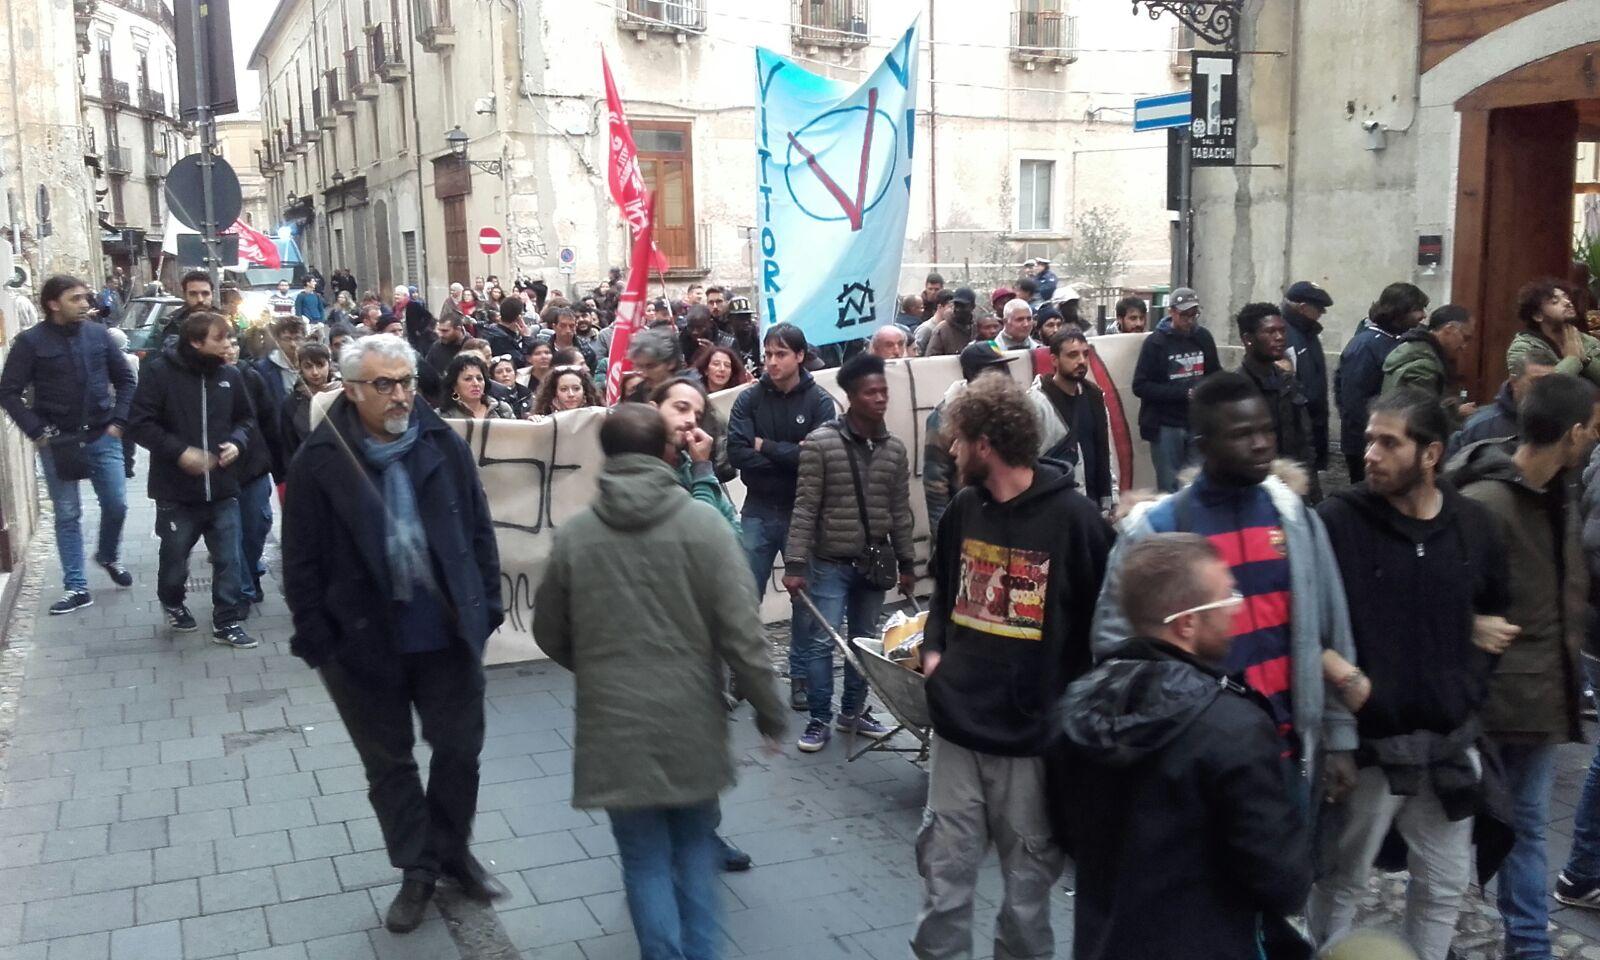 VIDEO - Le proteste a Cosenza per l'arrivo del ministro Maria Elena Boschi